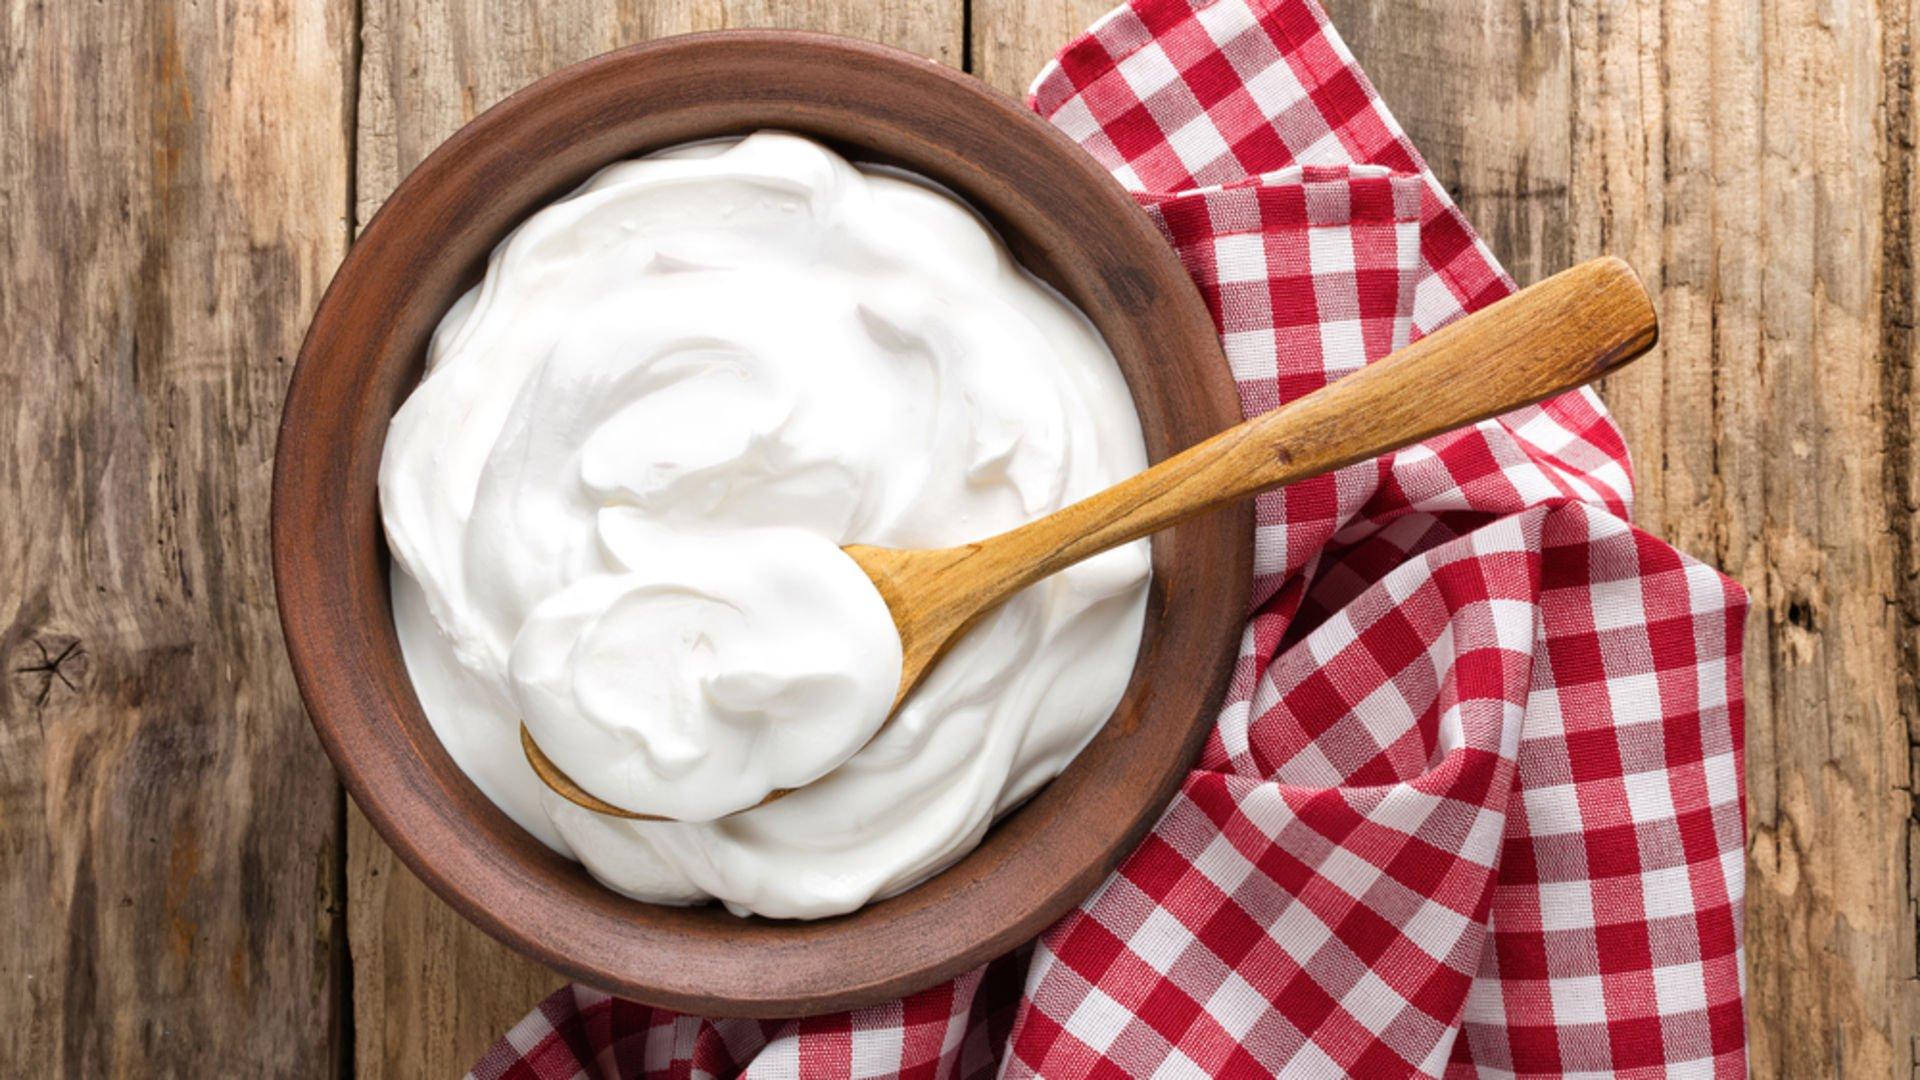 Ev yoğurdunun faydaları nelerdir? | Sağlık